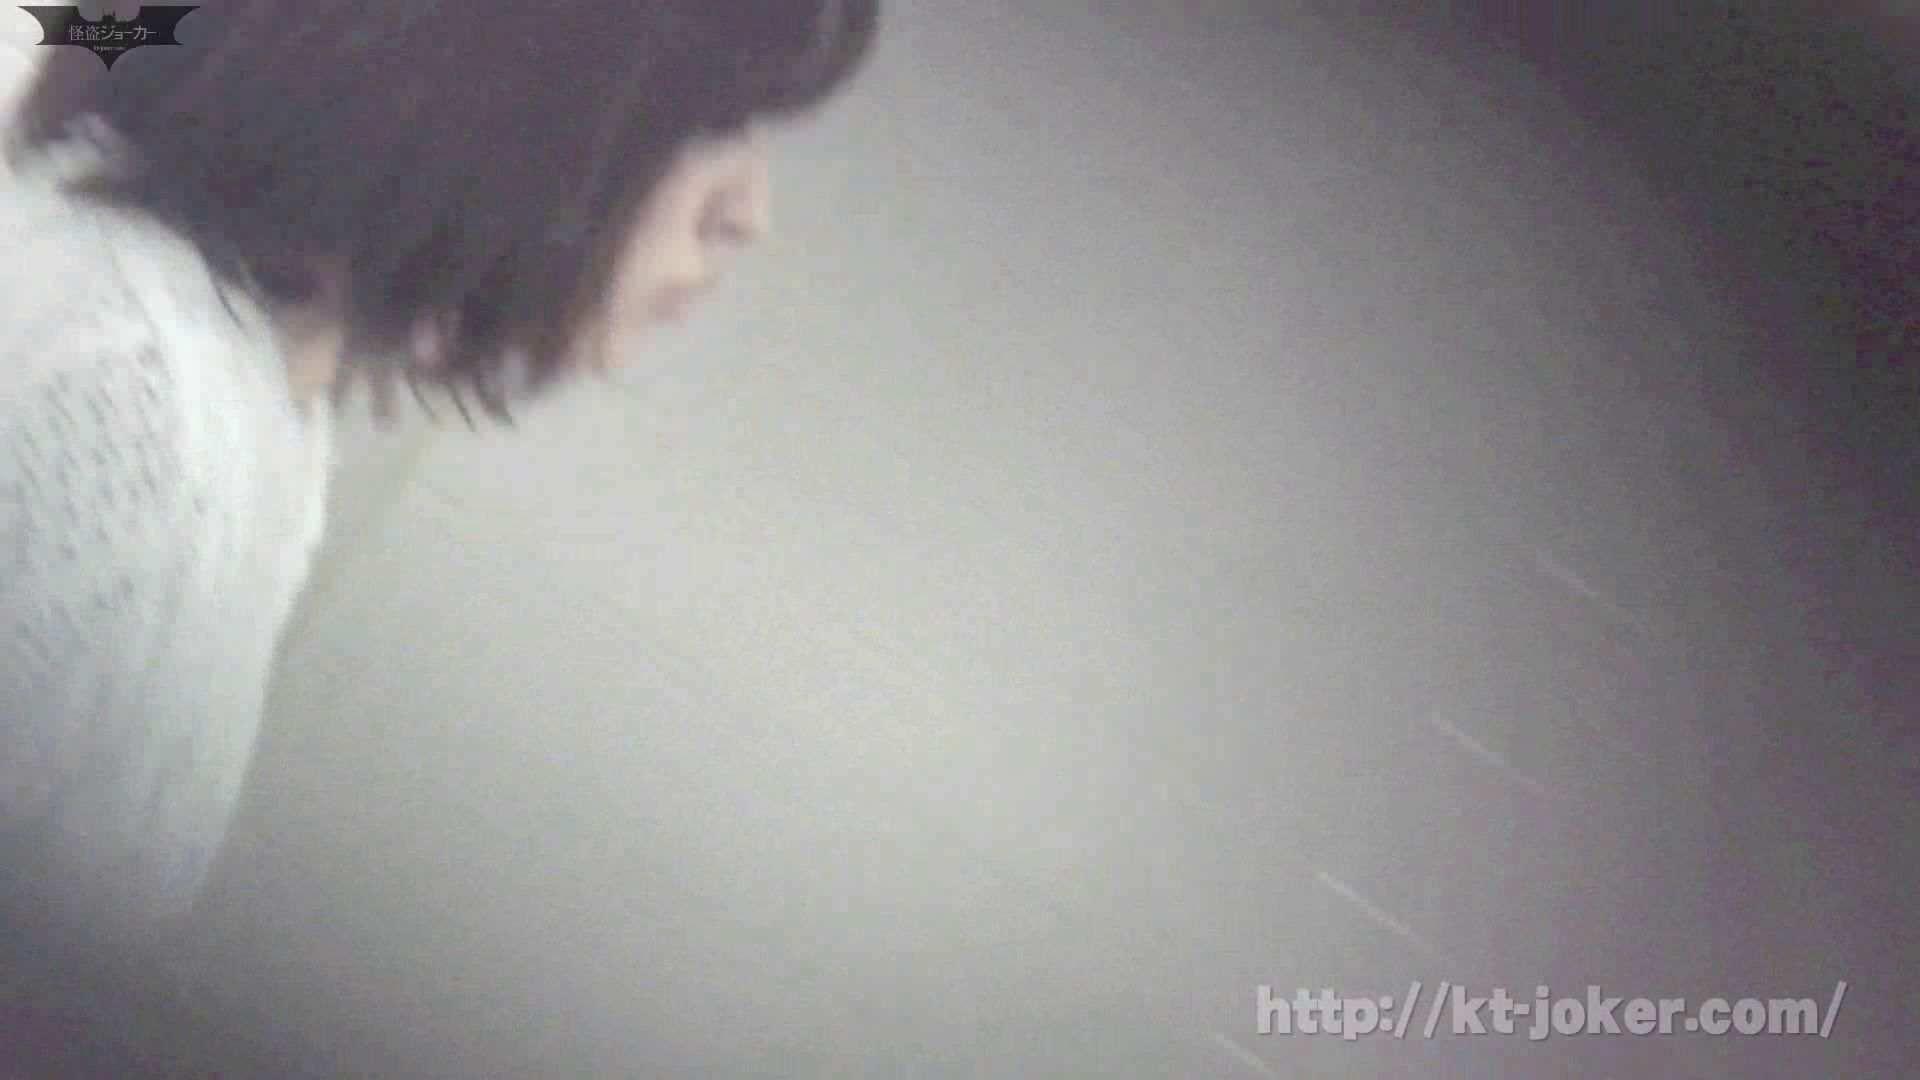 命がけ潜伏洗面所! vol.63 美女OL オマンコ動画キャプチャ 109連発 86